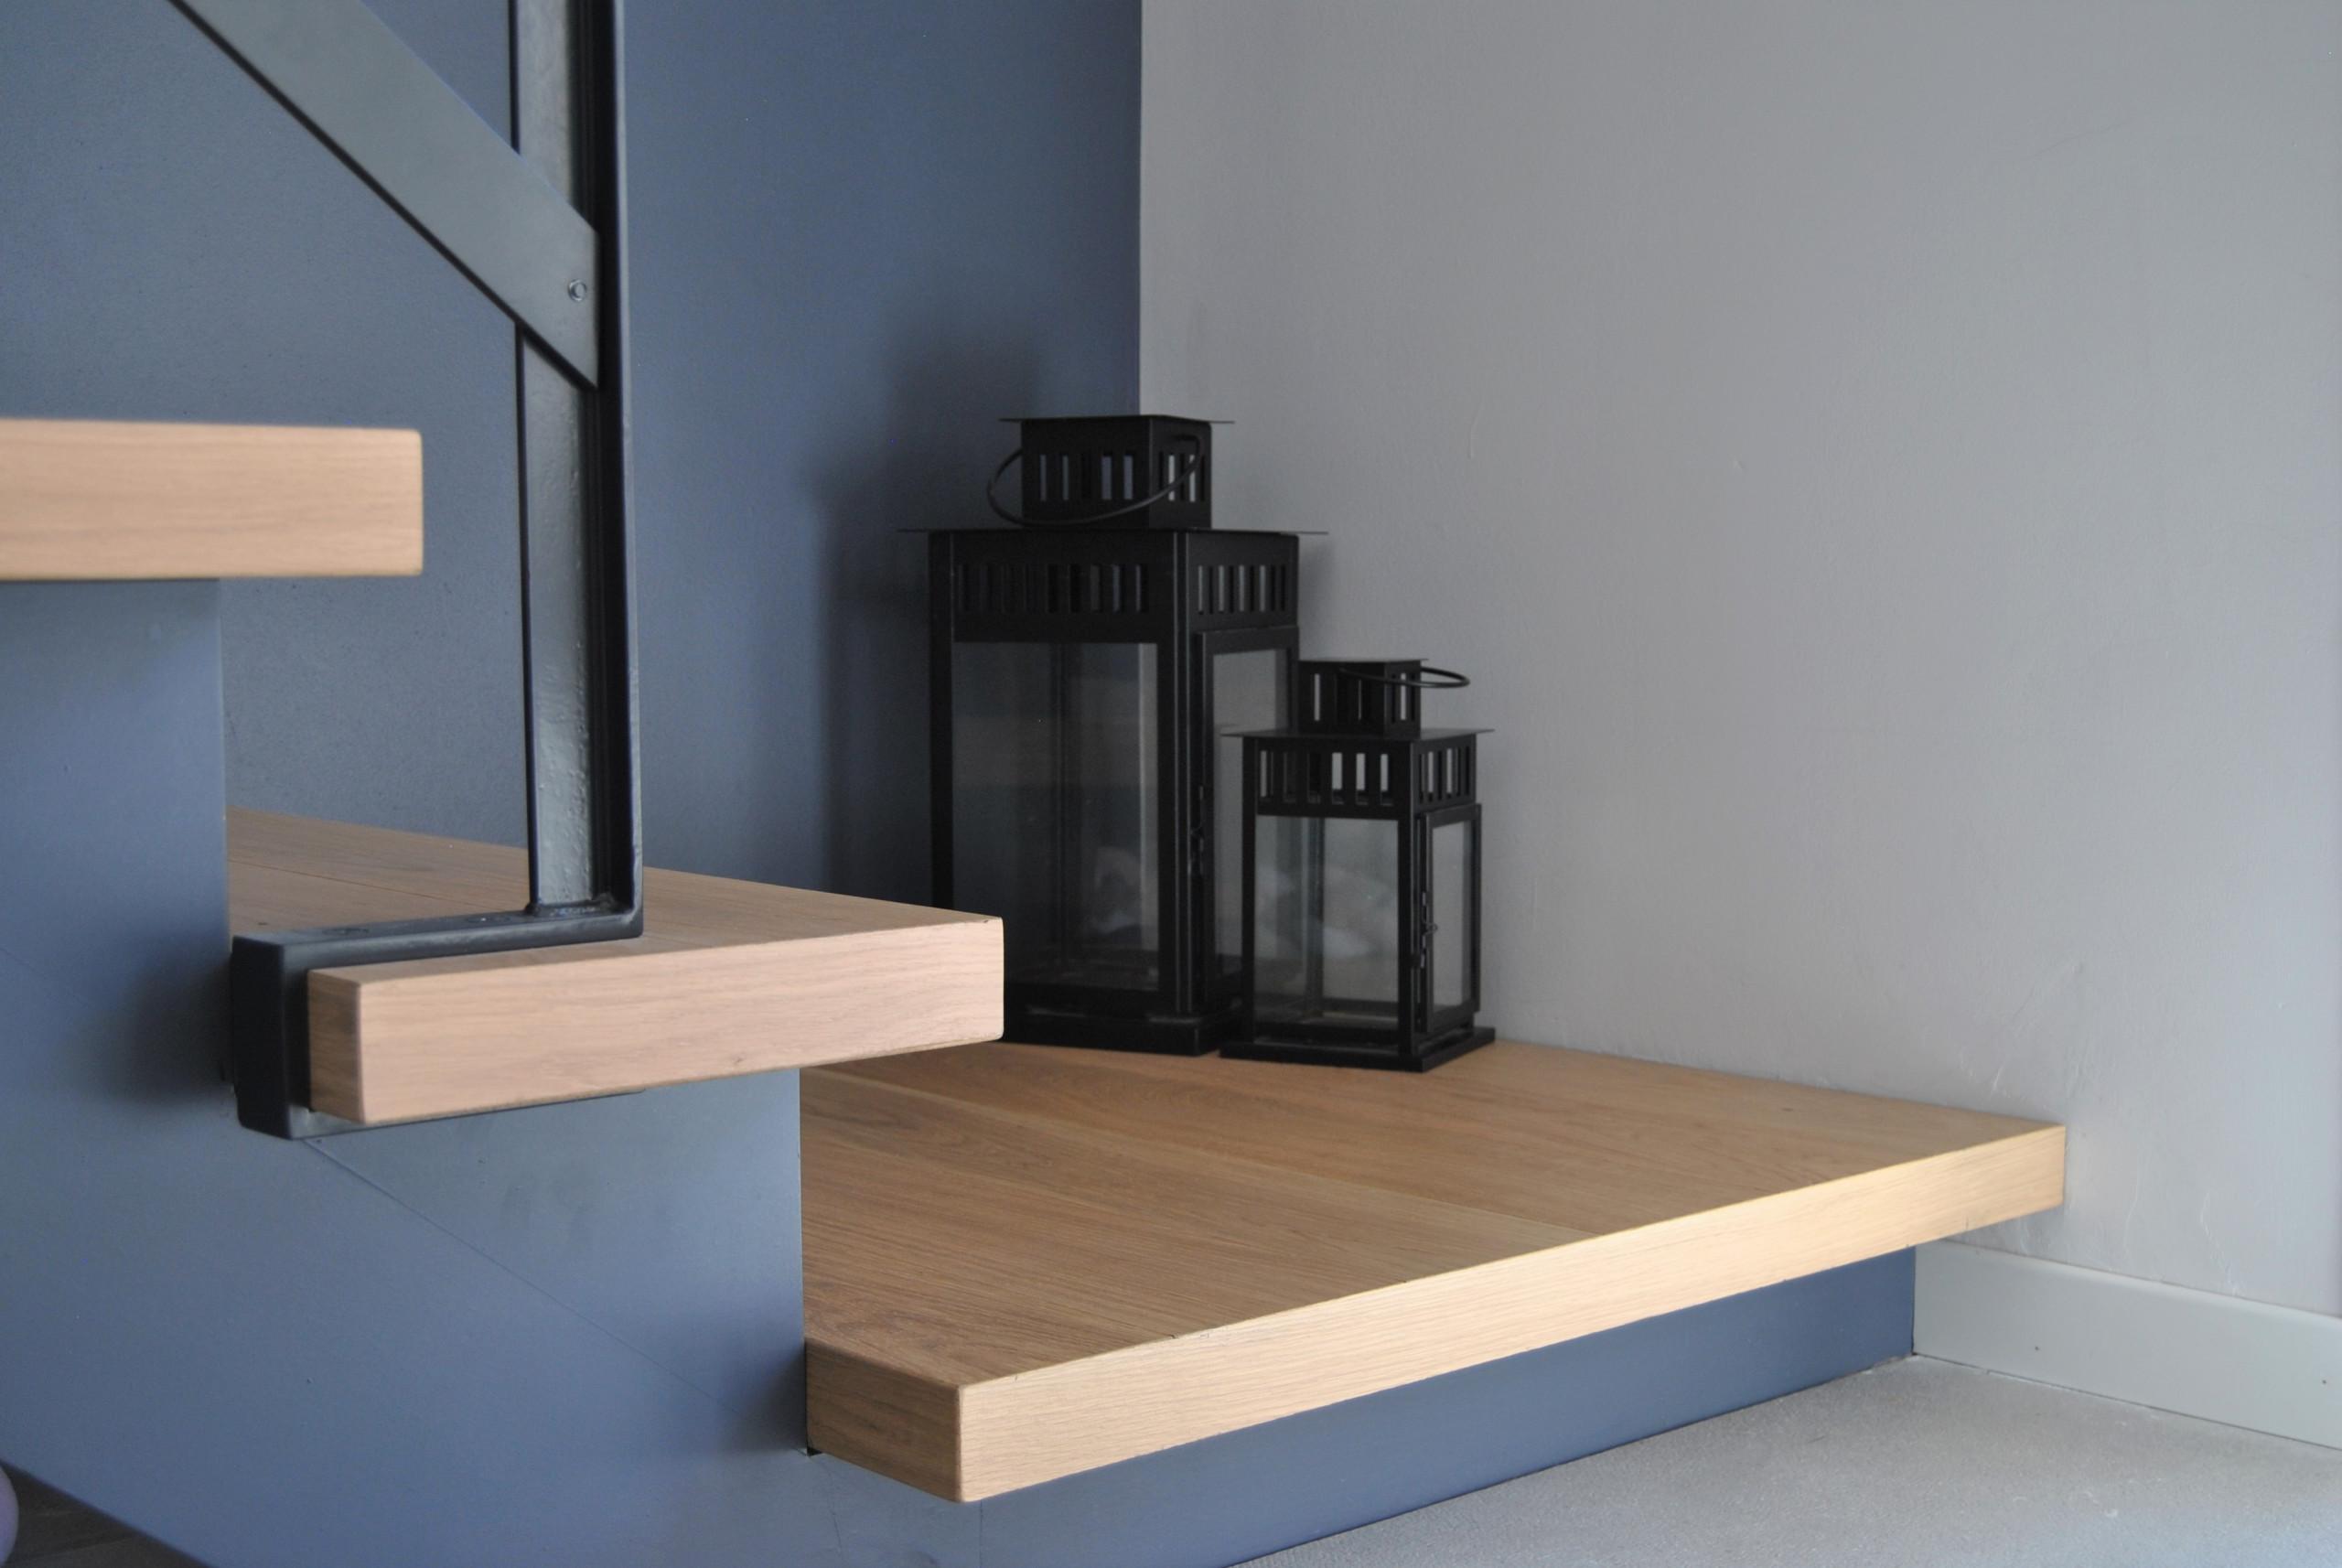 Dettaglio della scala per accedere al piano superiore.